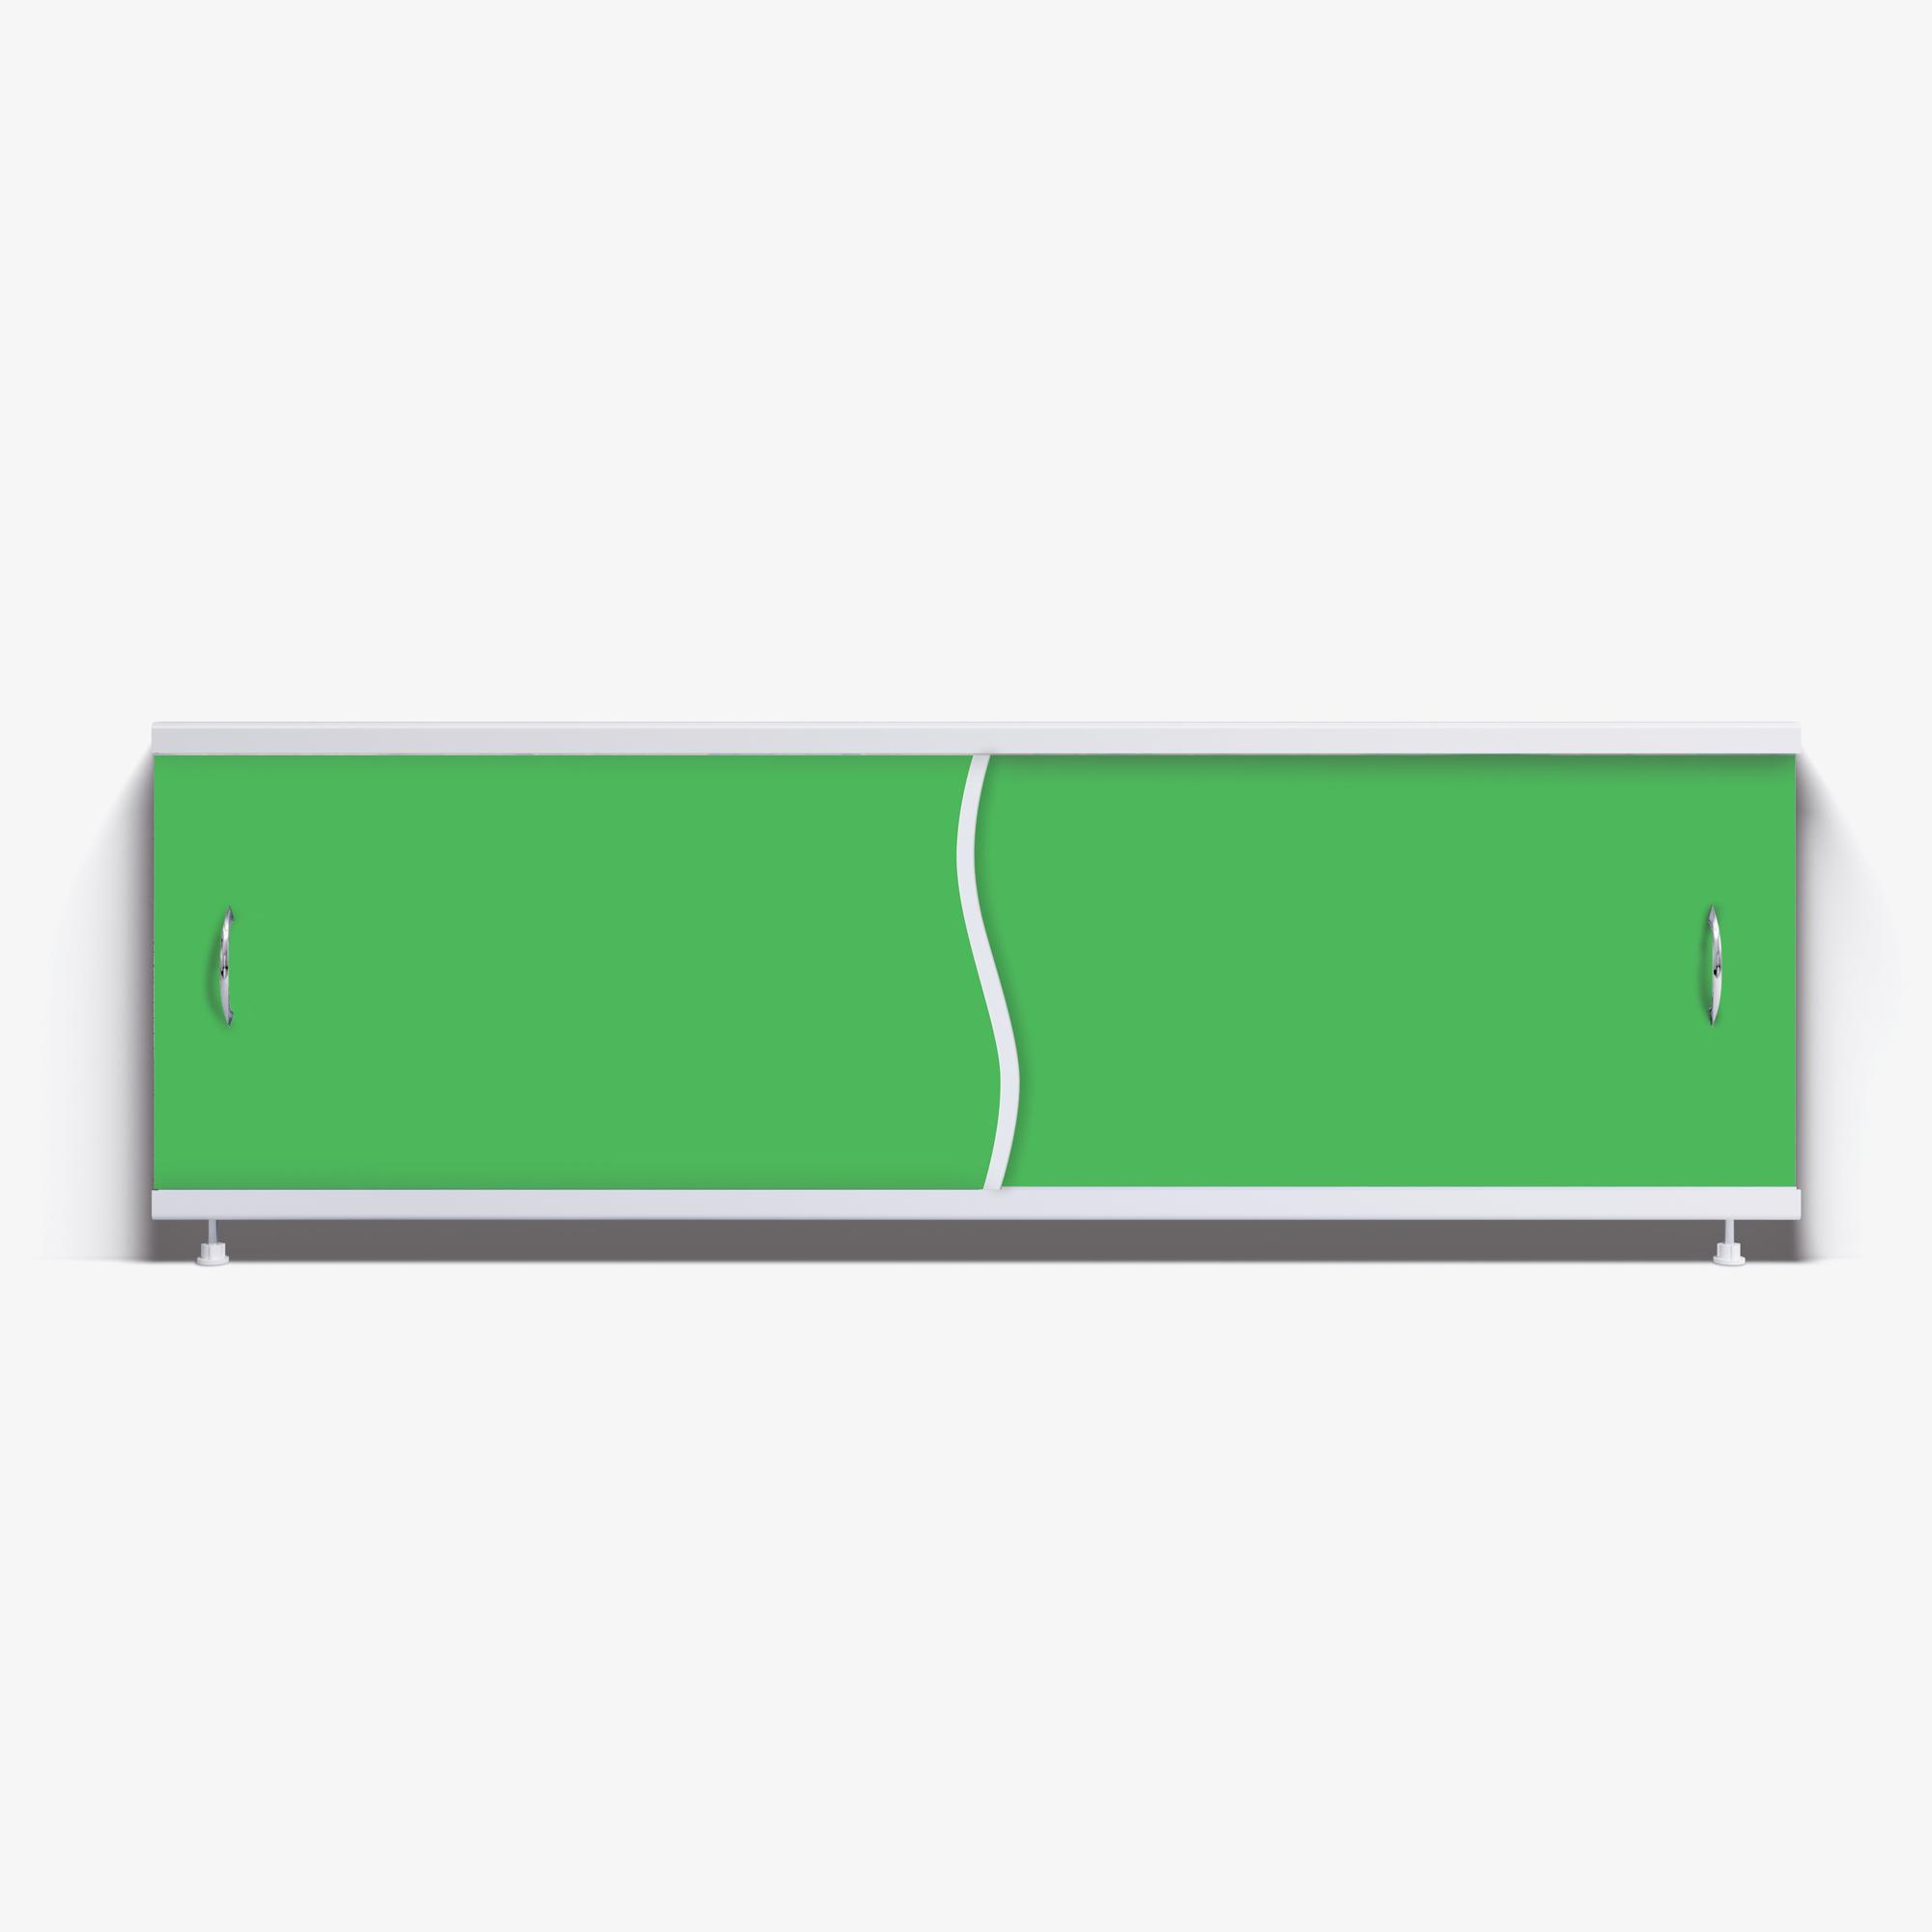 Экран под ванну Премьер 170 салатовый